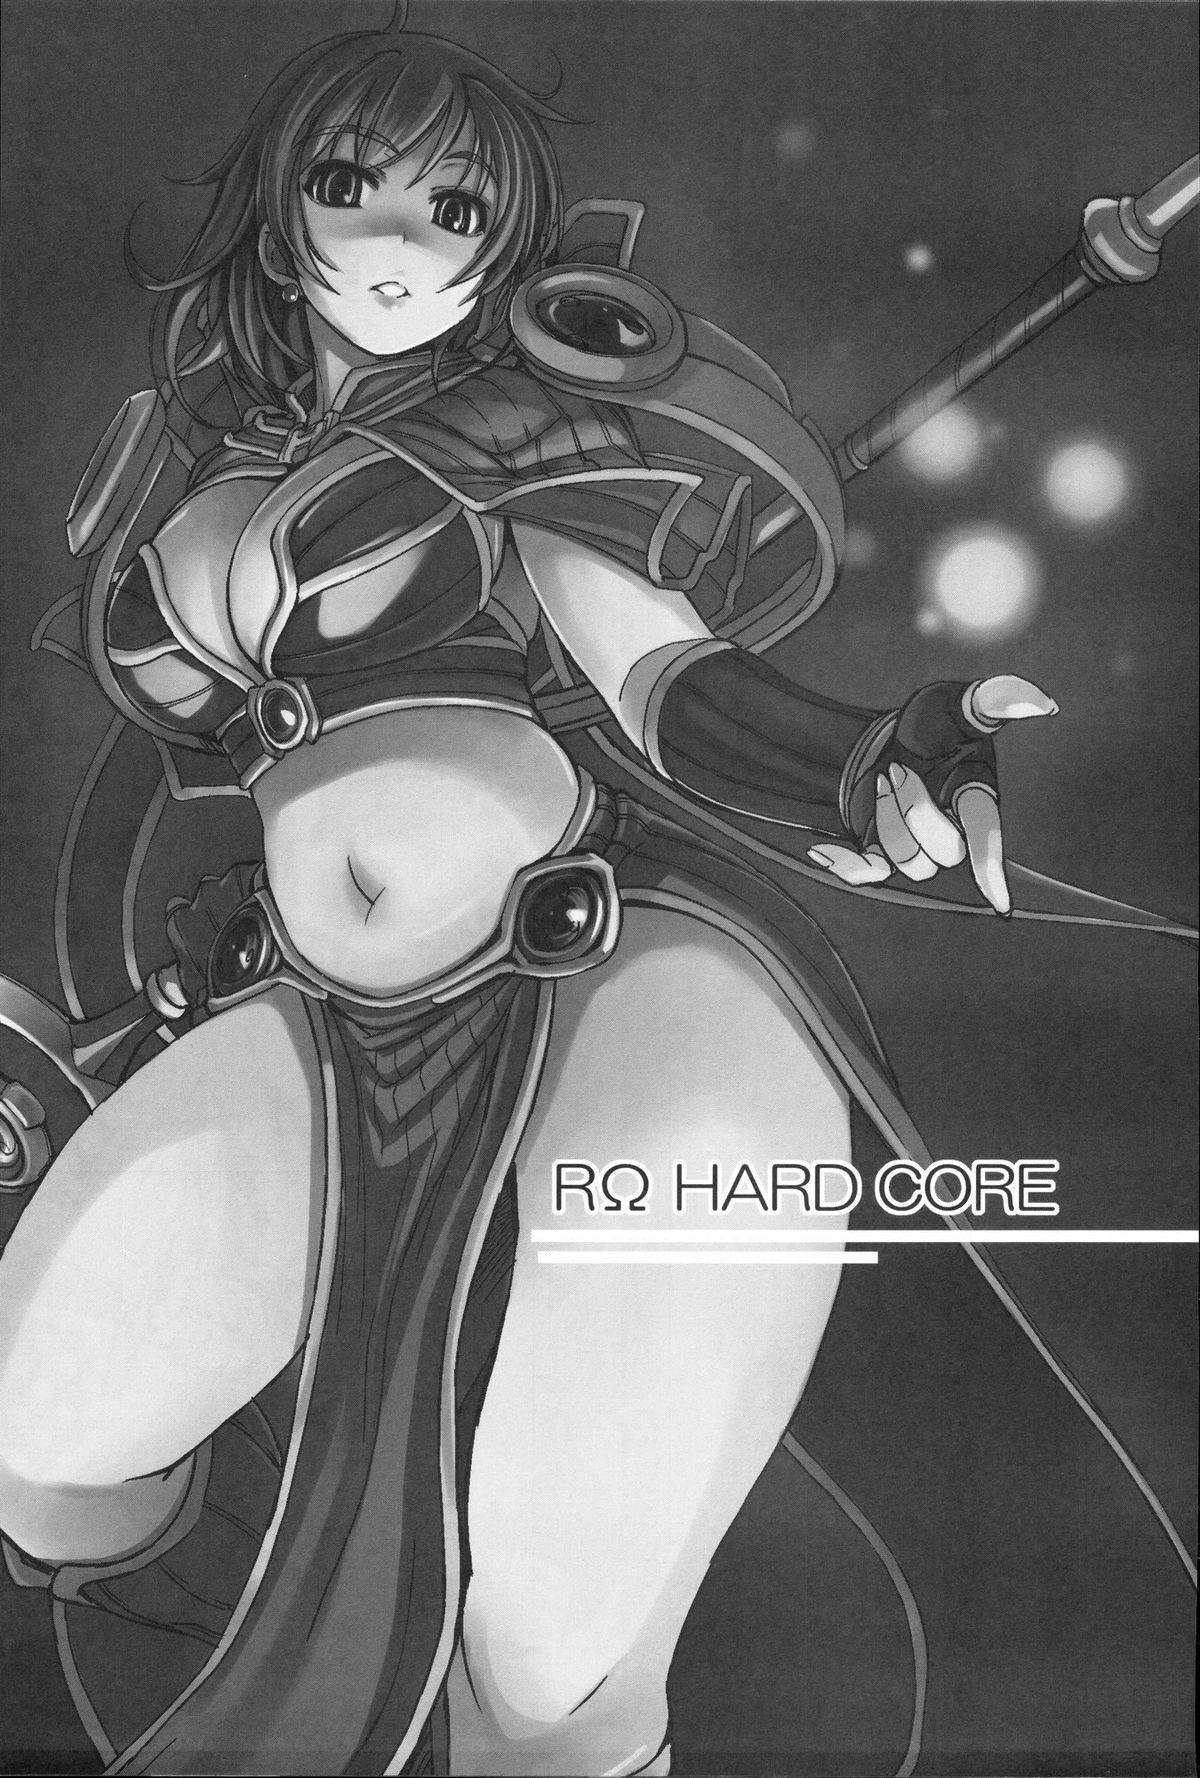 (C72) [Genki no mizu no wakutokoro (Various)] RO Hard Core (Ragnarok Online)[Chinese]【超⑨汉化】 1